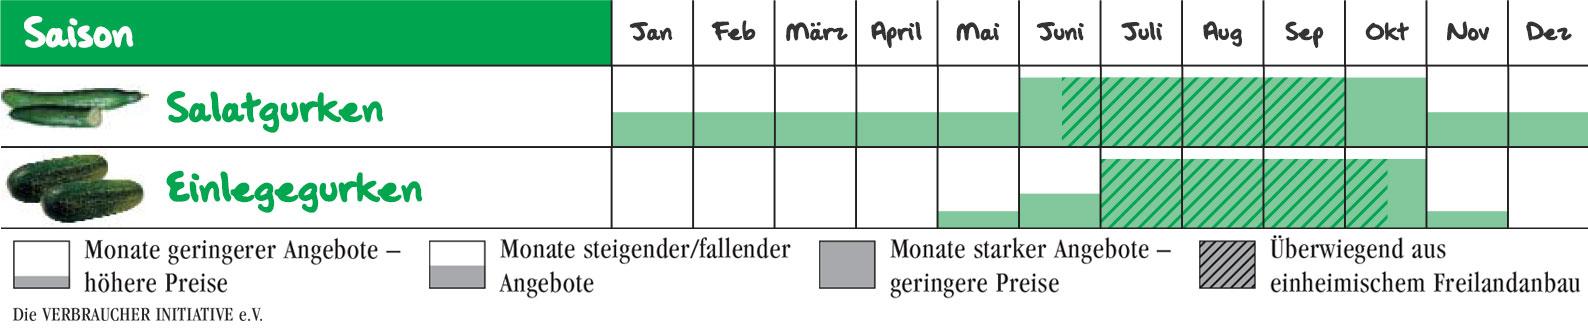 Wann gibt es Gurken in Deutschland?